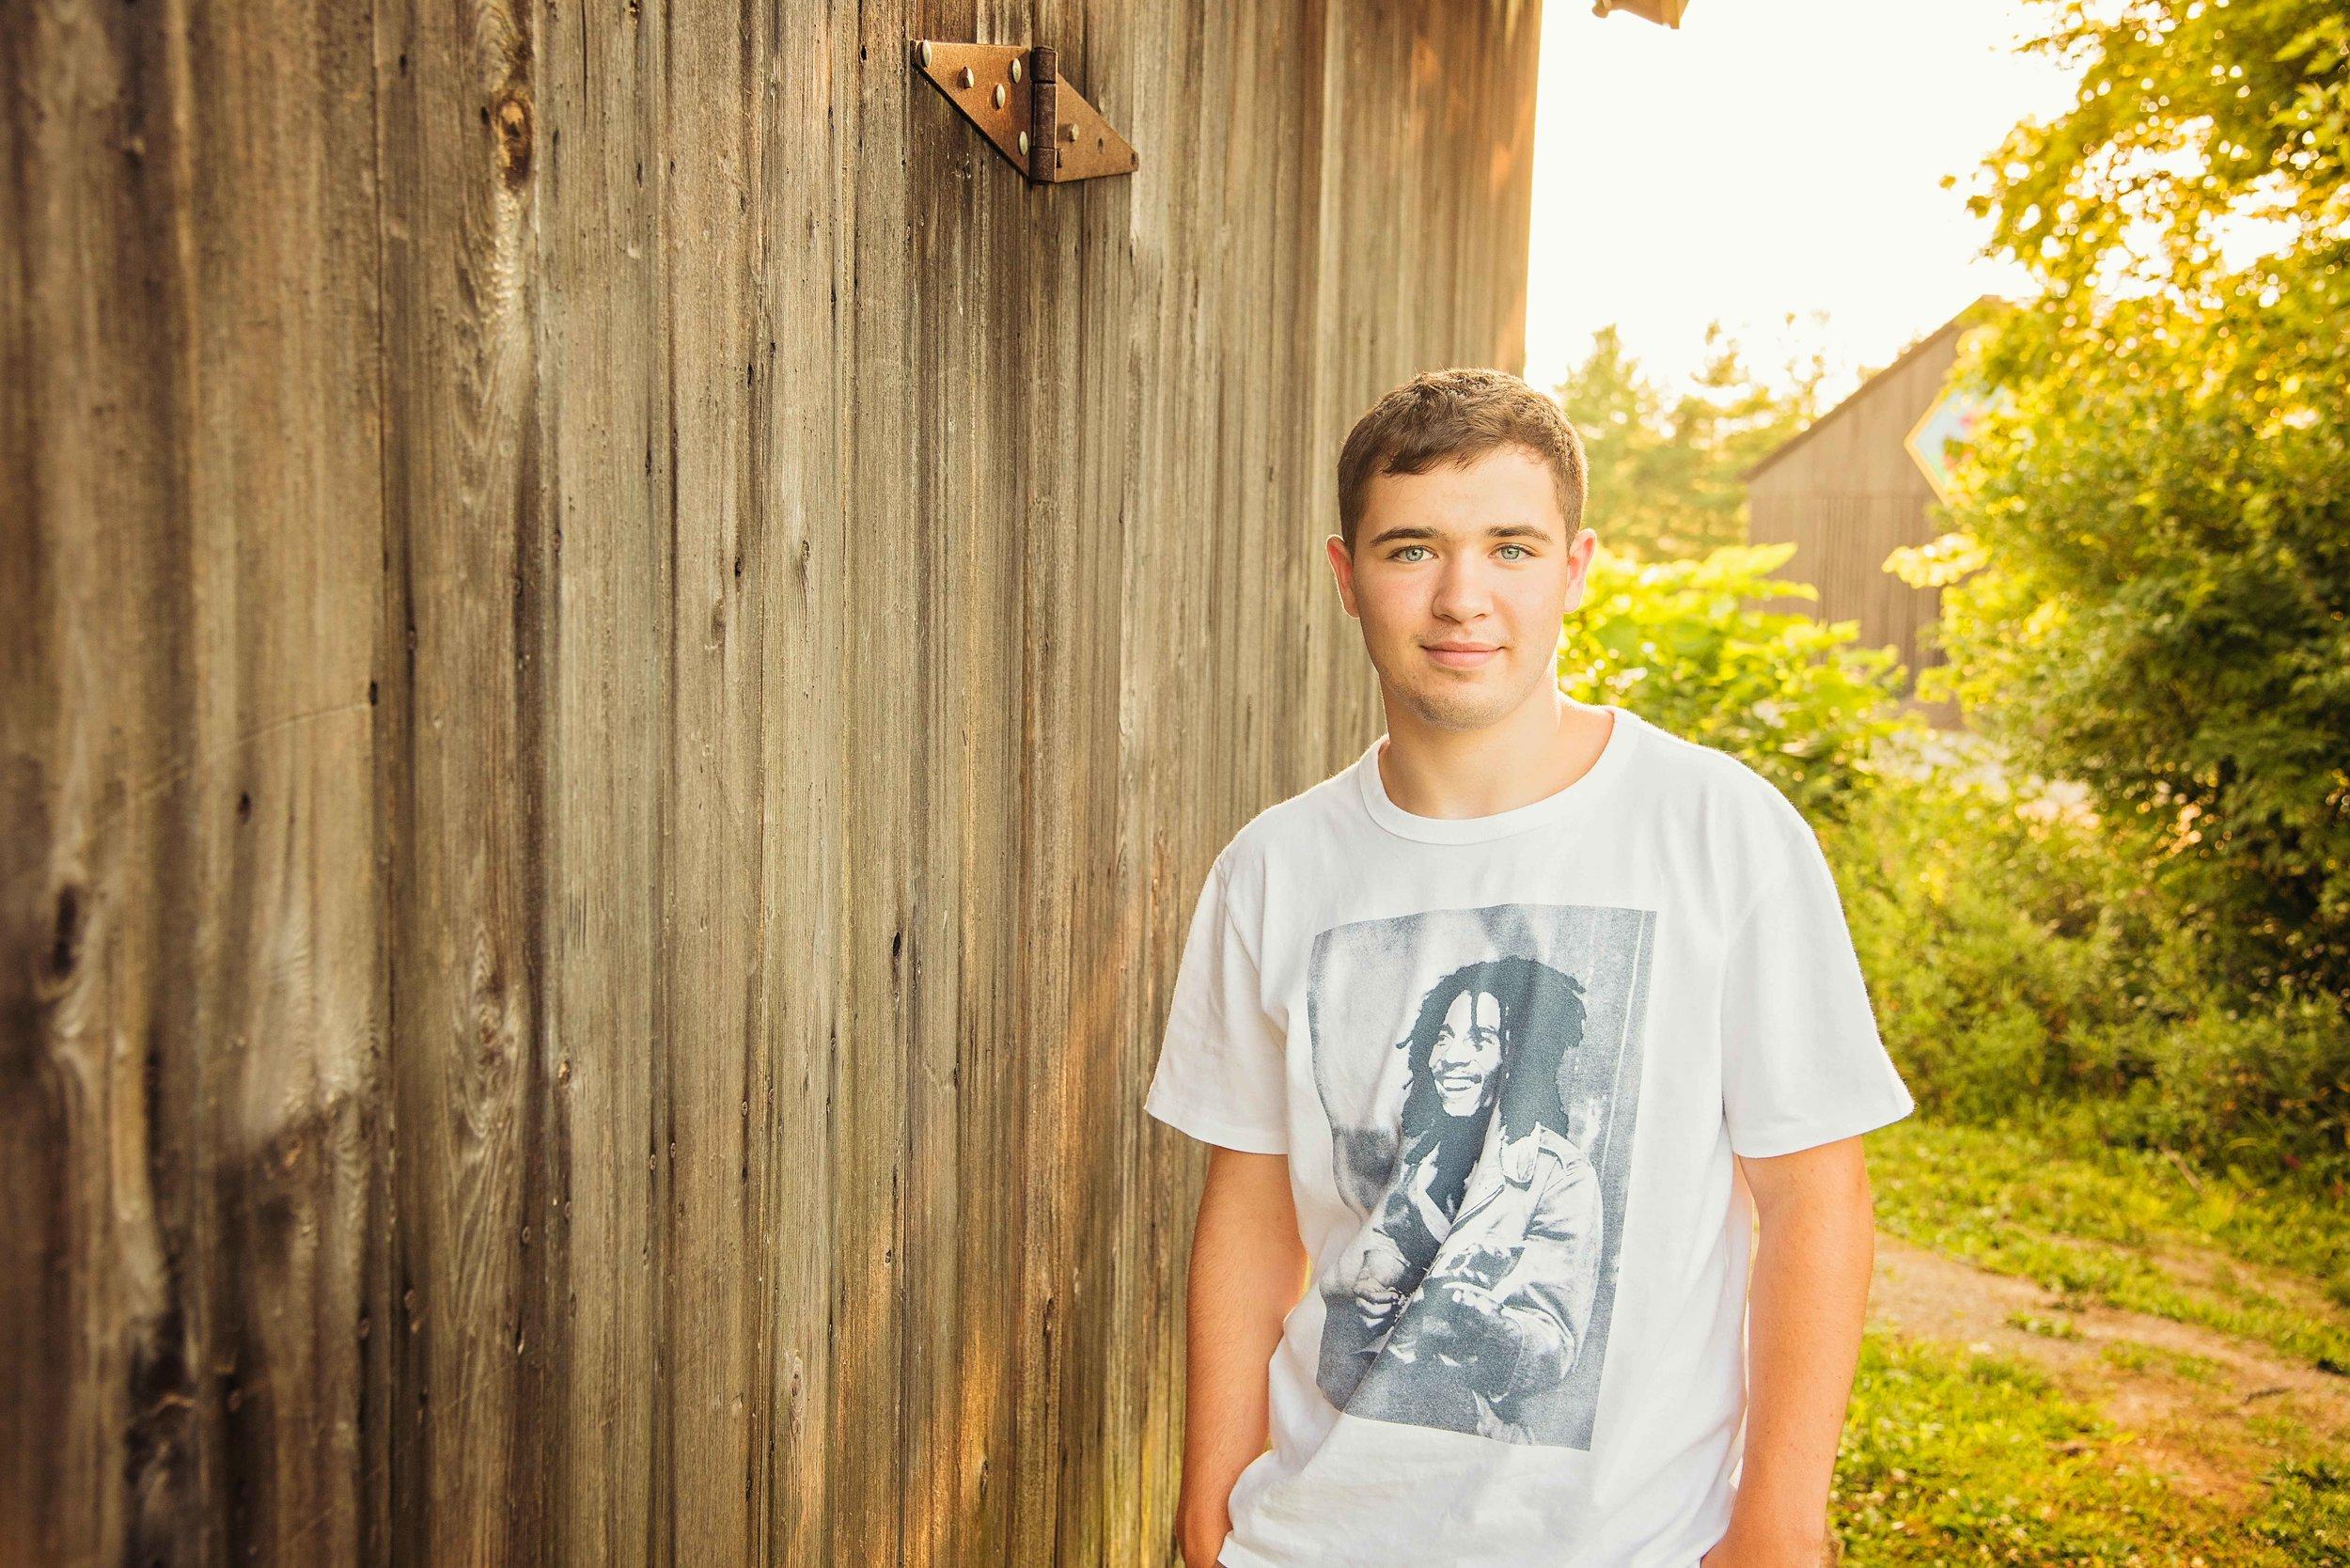 Cody Anderson Little Miami High School Senior Pictures Cincinnati Ohio Remember When Portraits